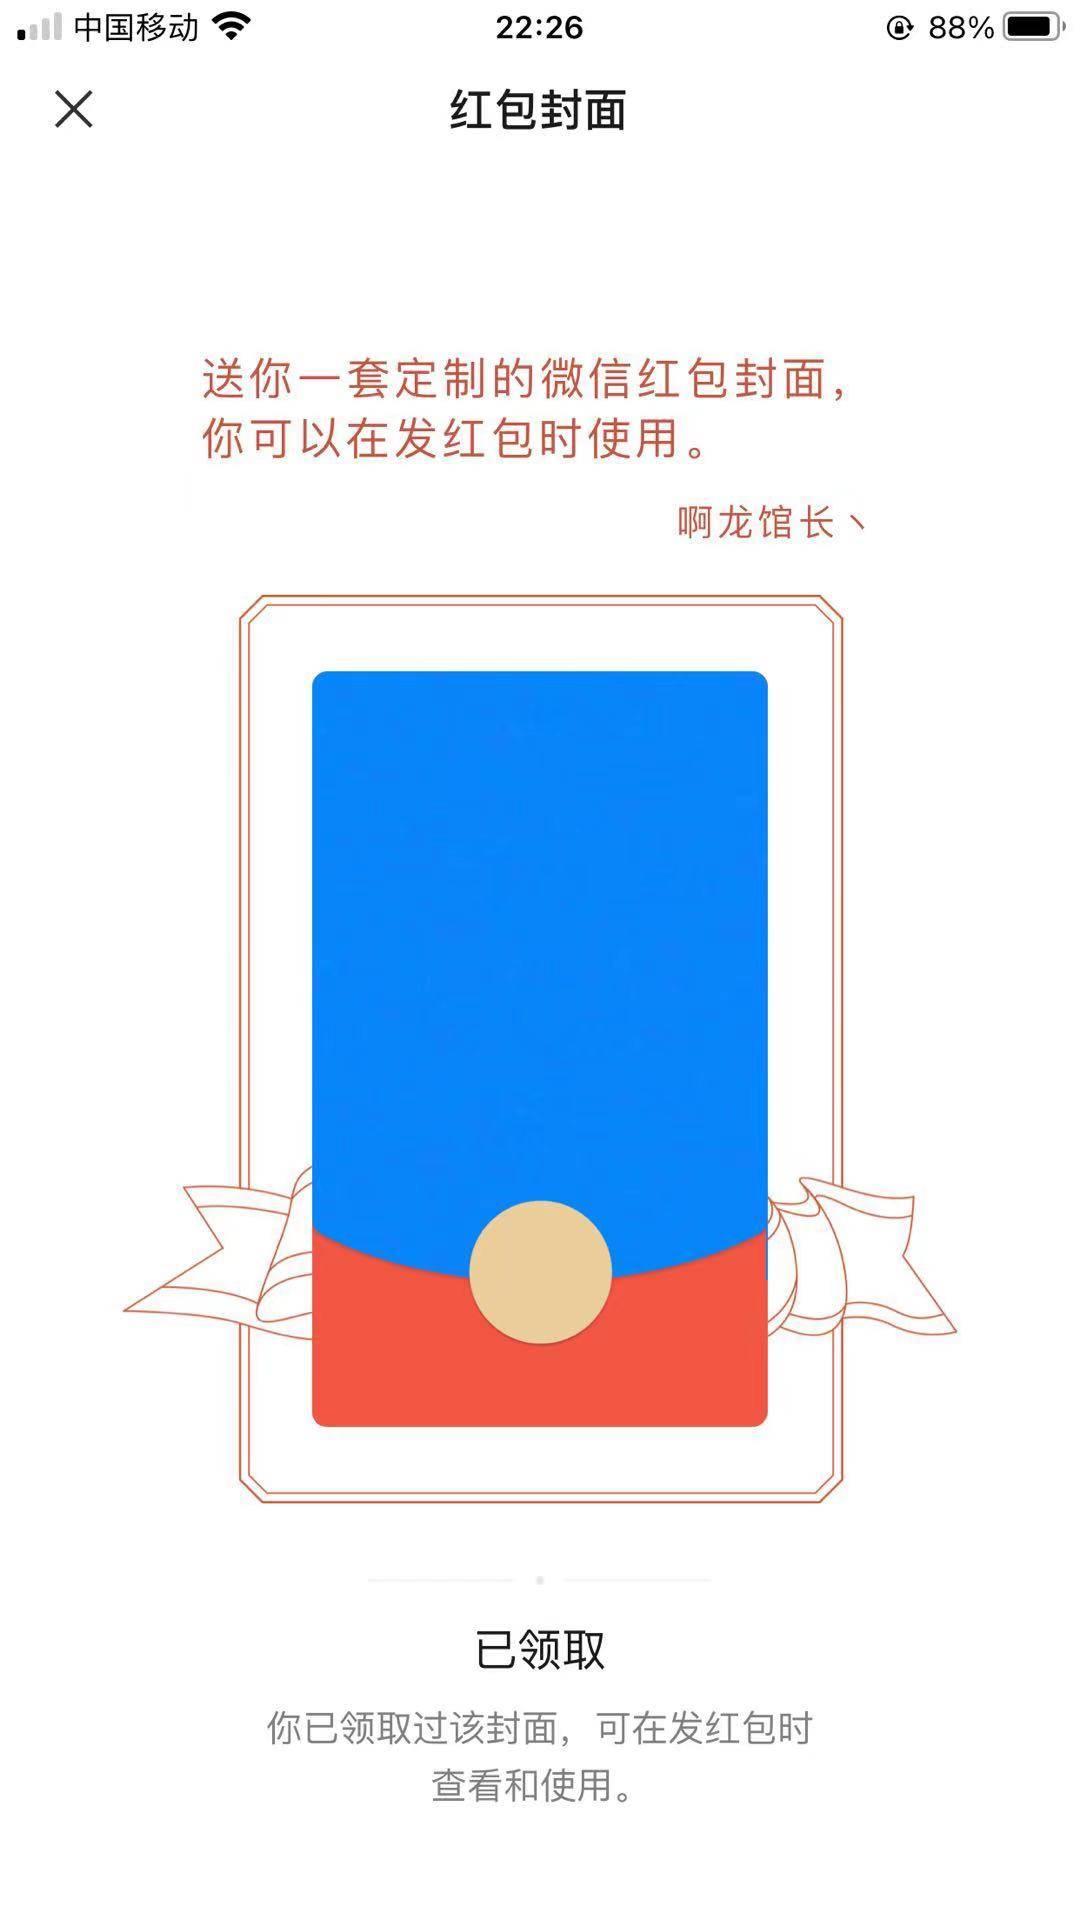 【红包封面】七彩动态蓝包